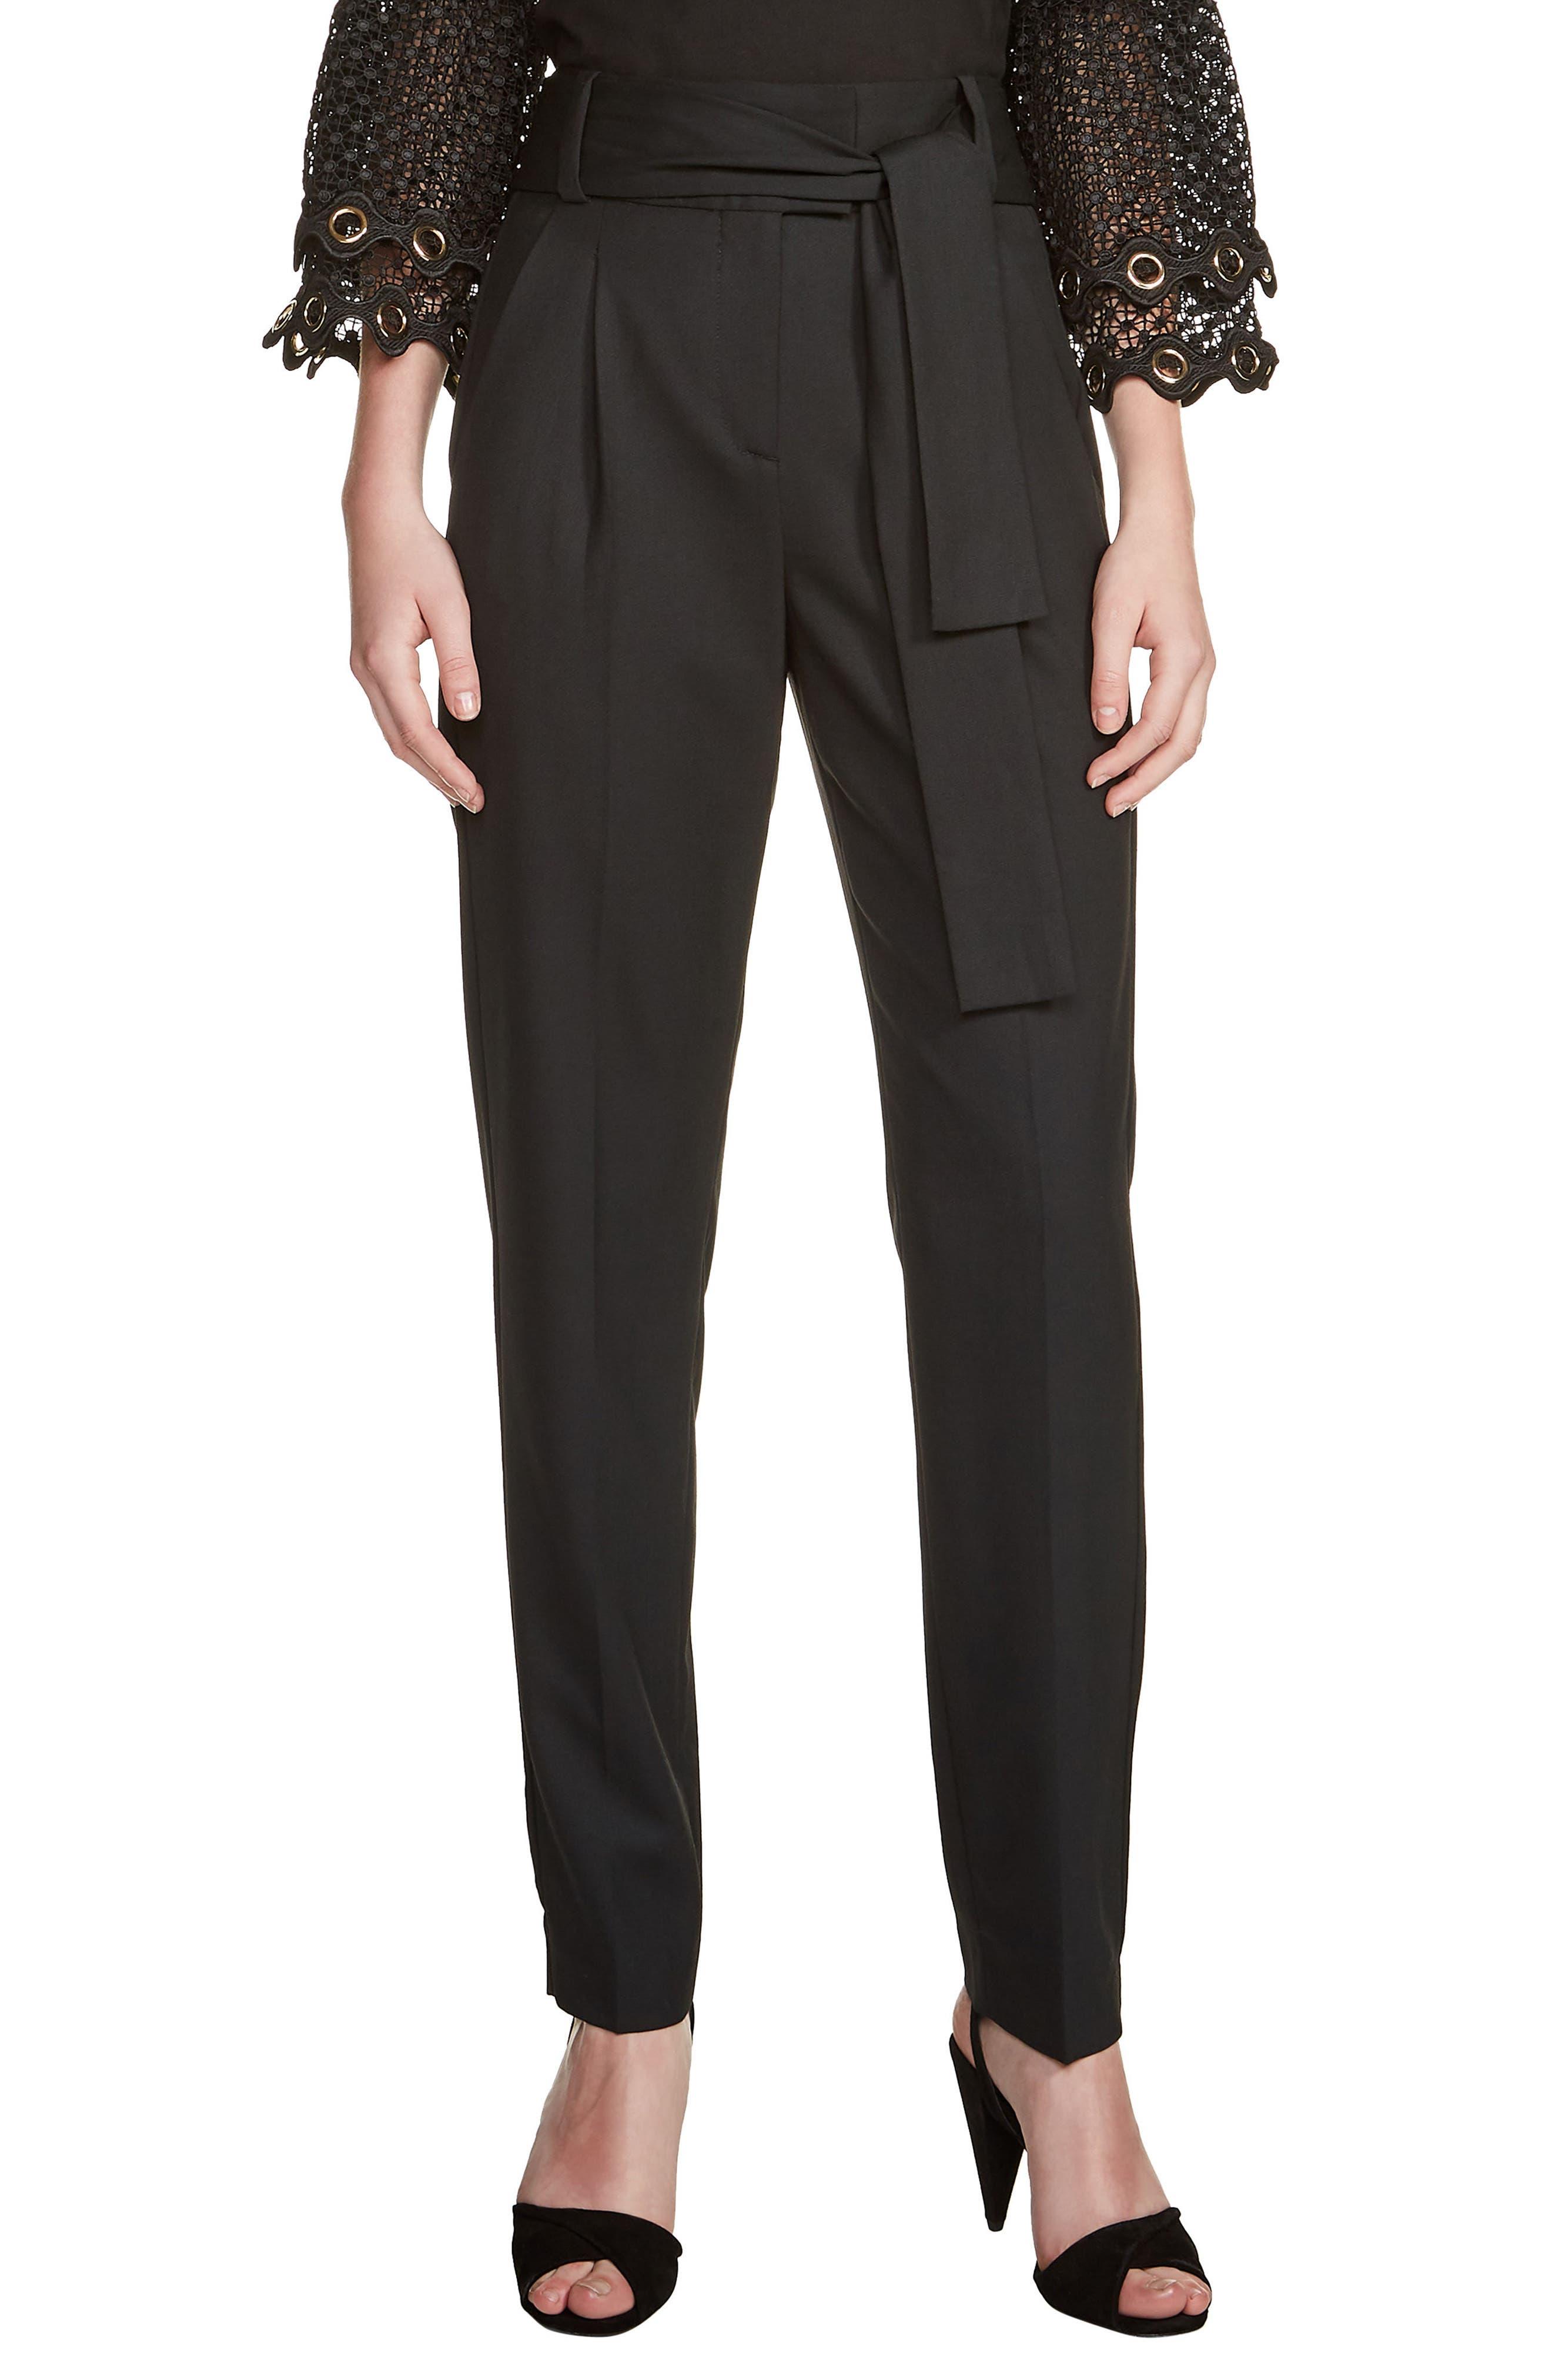 Paris Belted Pleat Front Pants,                             Main thumbnail 1, color,                             Black 210